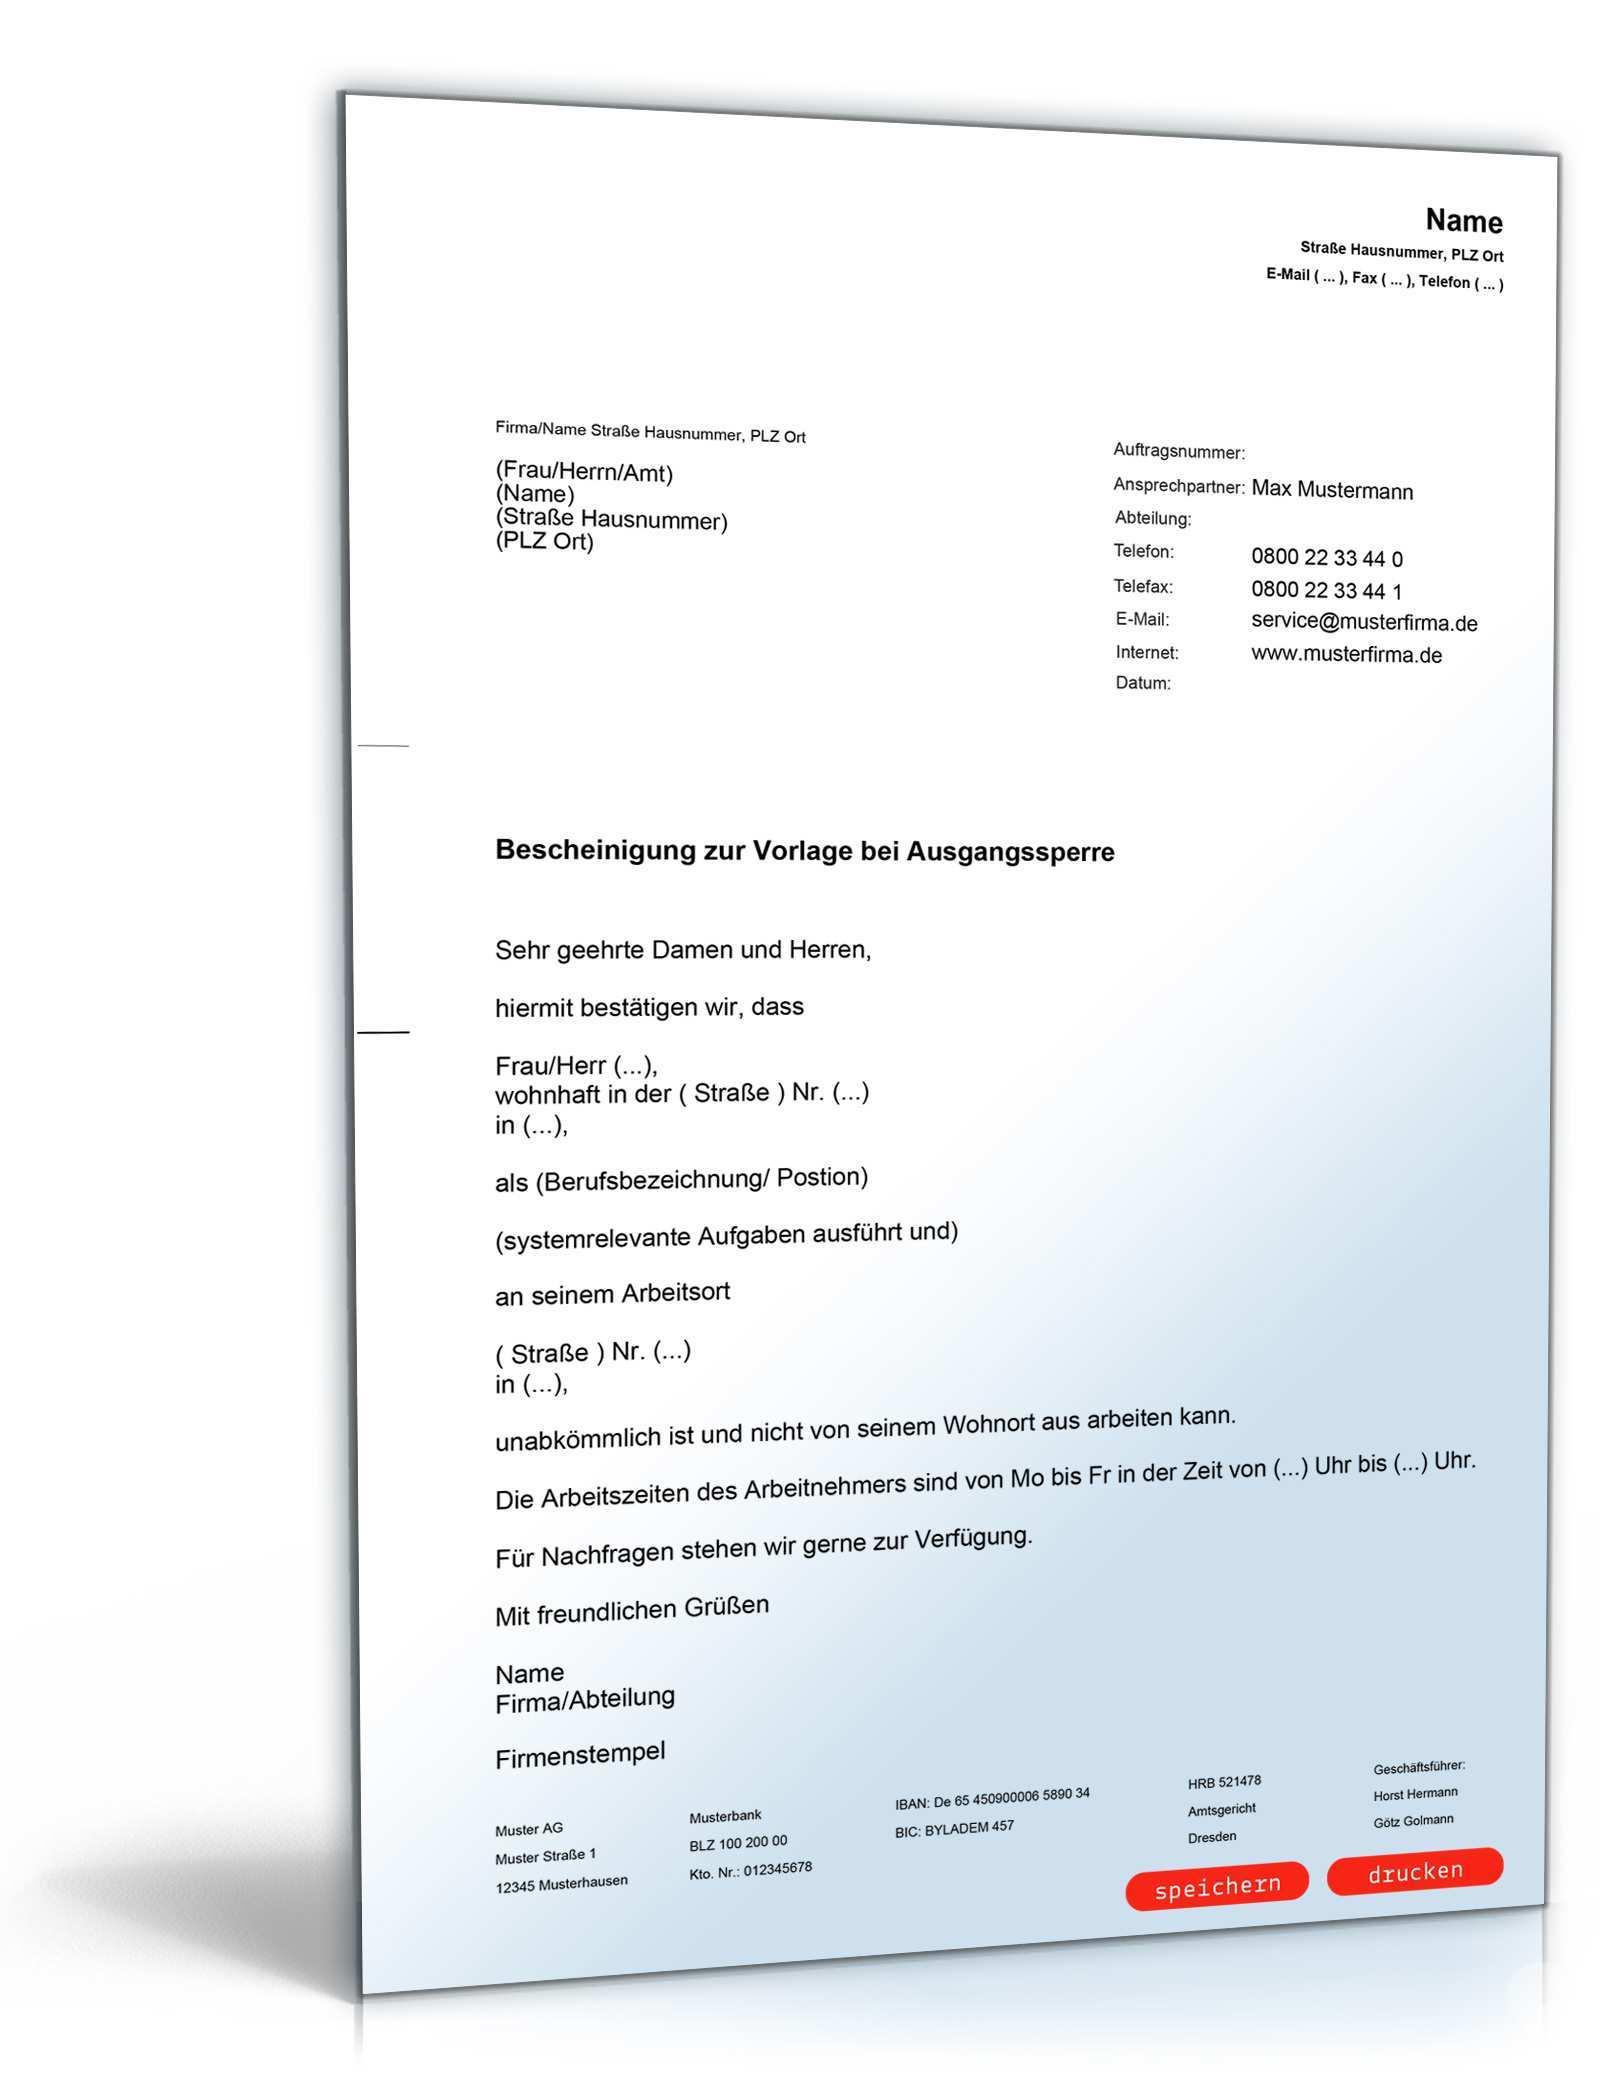 Arbeitgeberbescheinigung Ausgangssperre Muster Zum Download